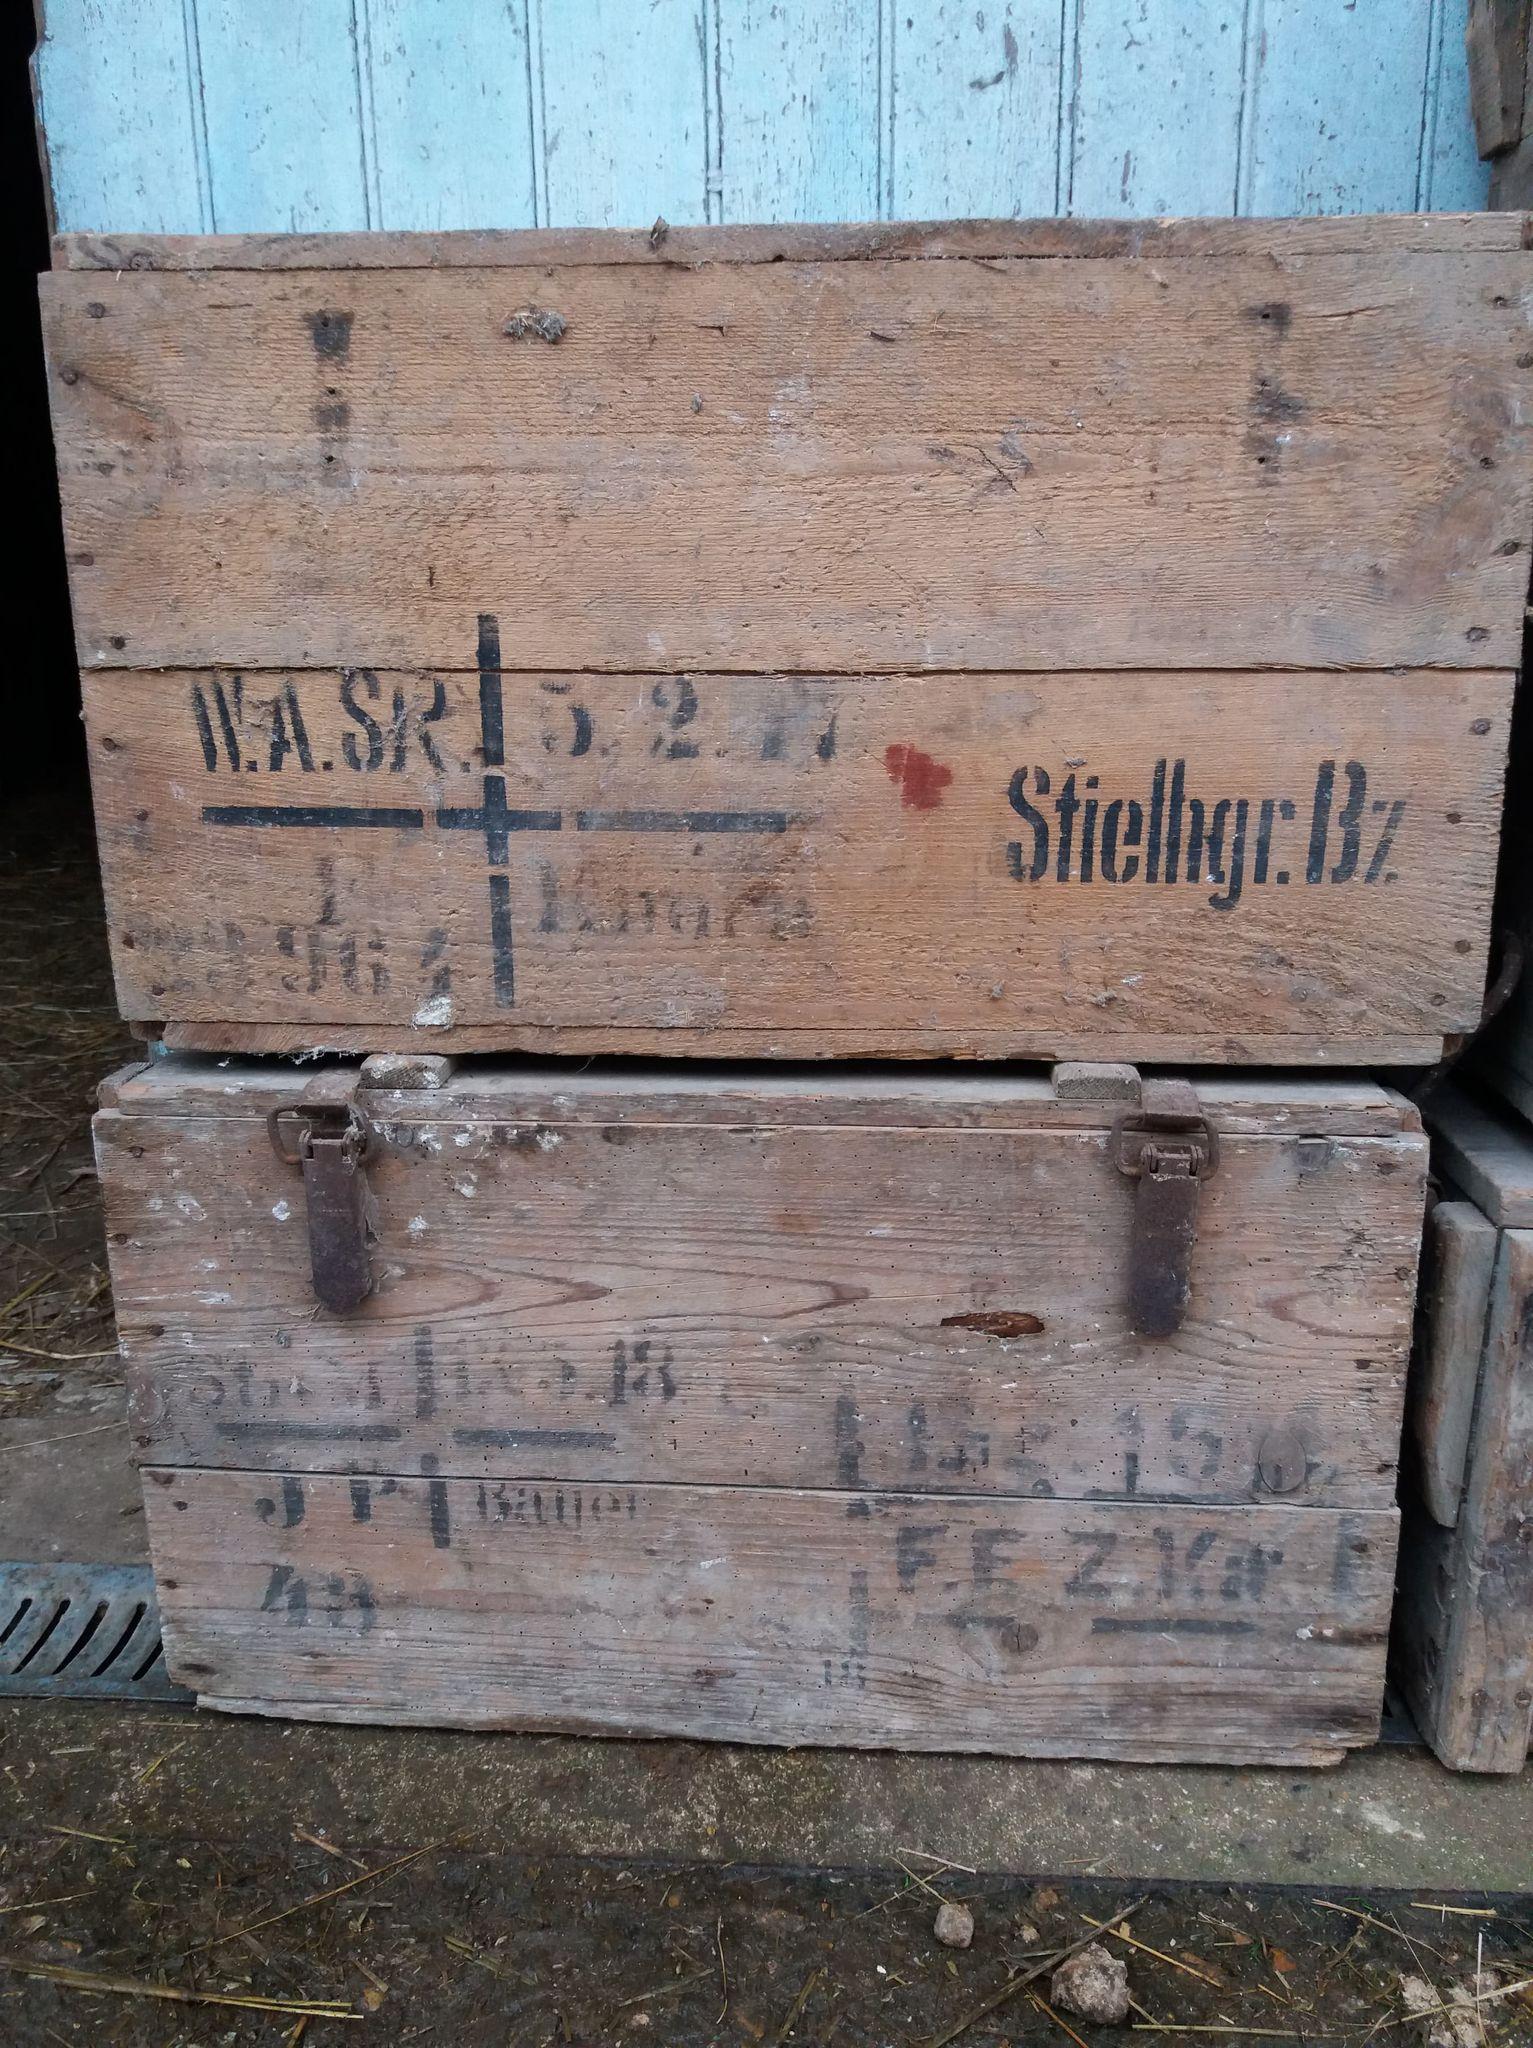 des caisses, des caisses et encore des caisses 21021404291623624317262260